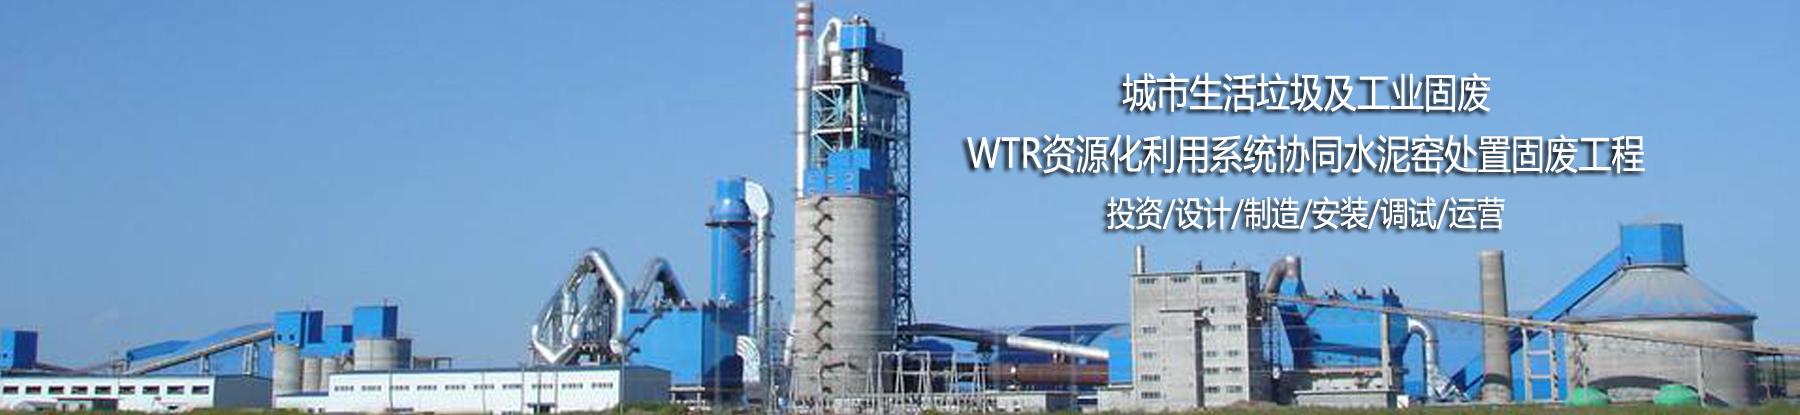 生活垃圾/工业固废WTR亚博体育官方app下载利用系统协同水泥窑处置固废工程